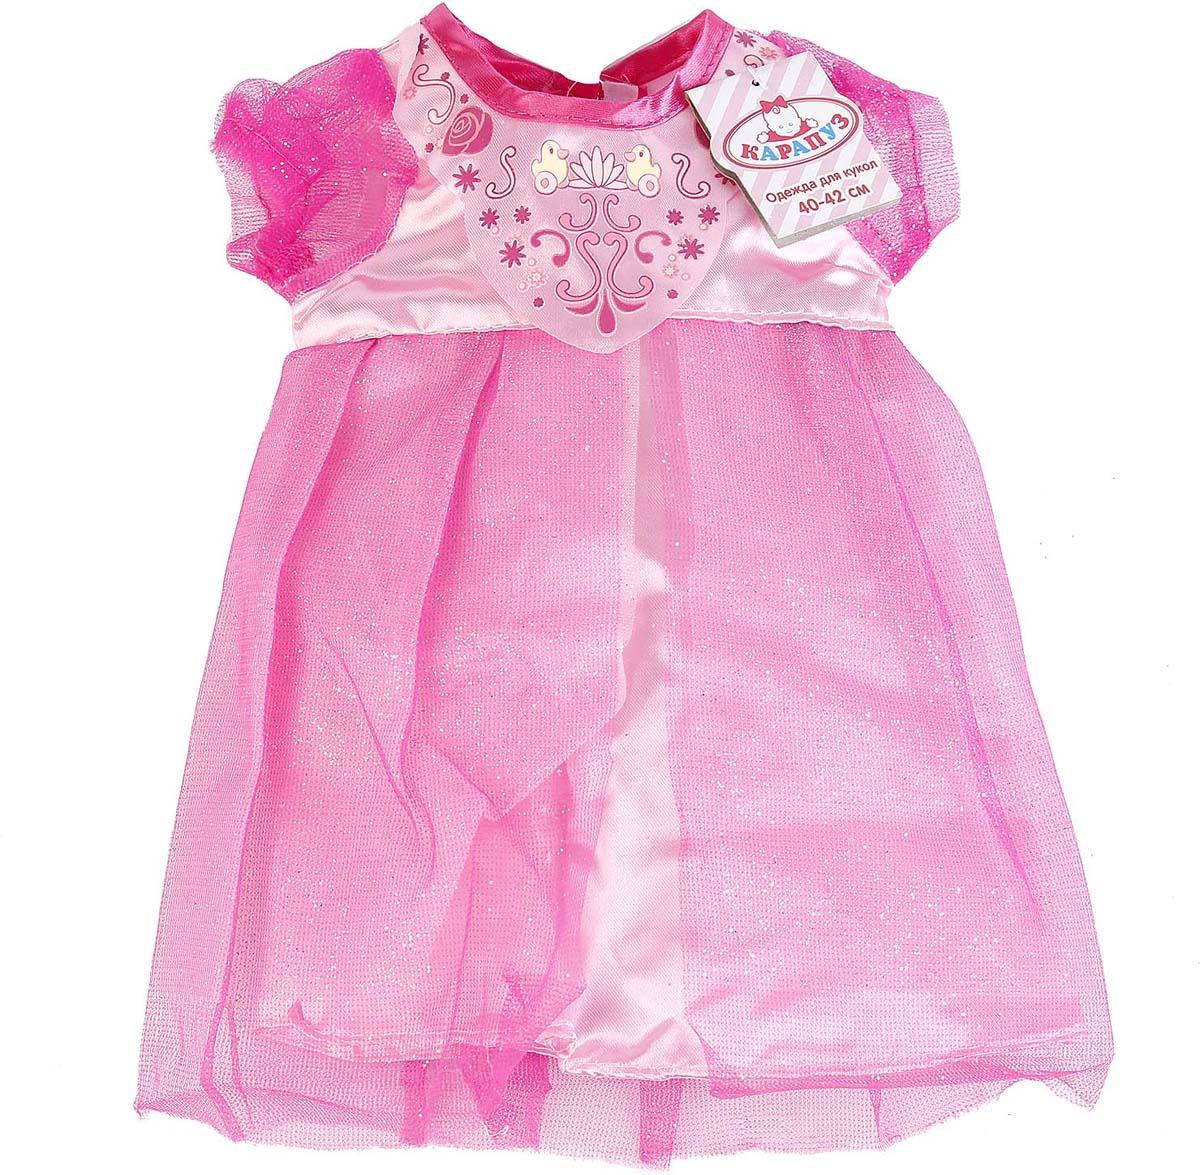 Карапуз Комплект одежды для кукол Платье с узором цвет розовый куклы и одежда для кукол весна озвученная кукла саша 1 42 см